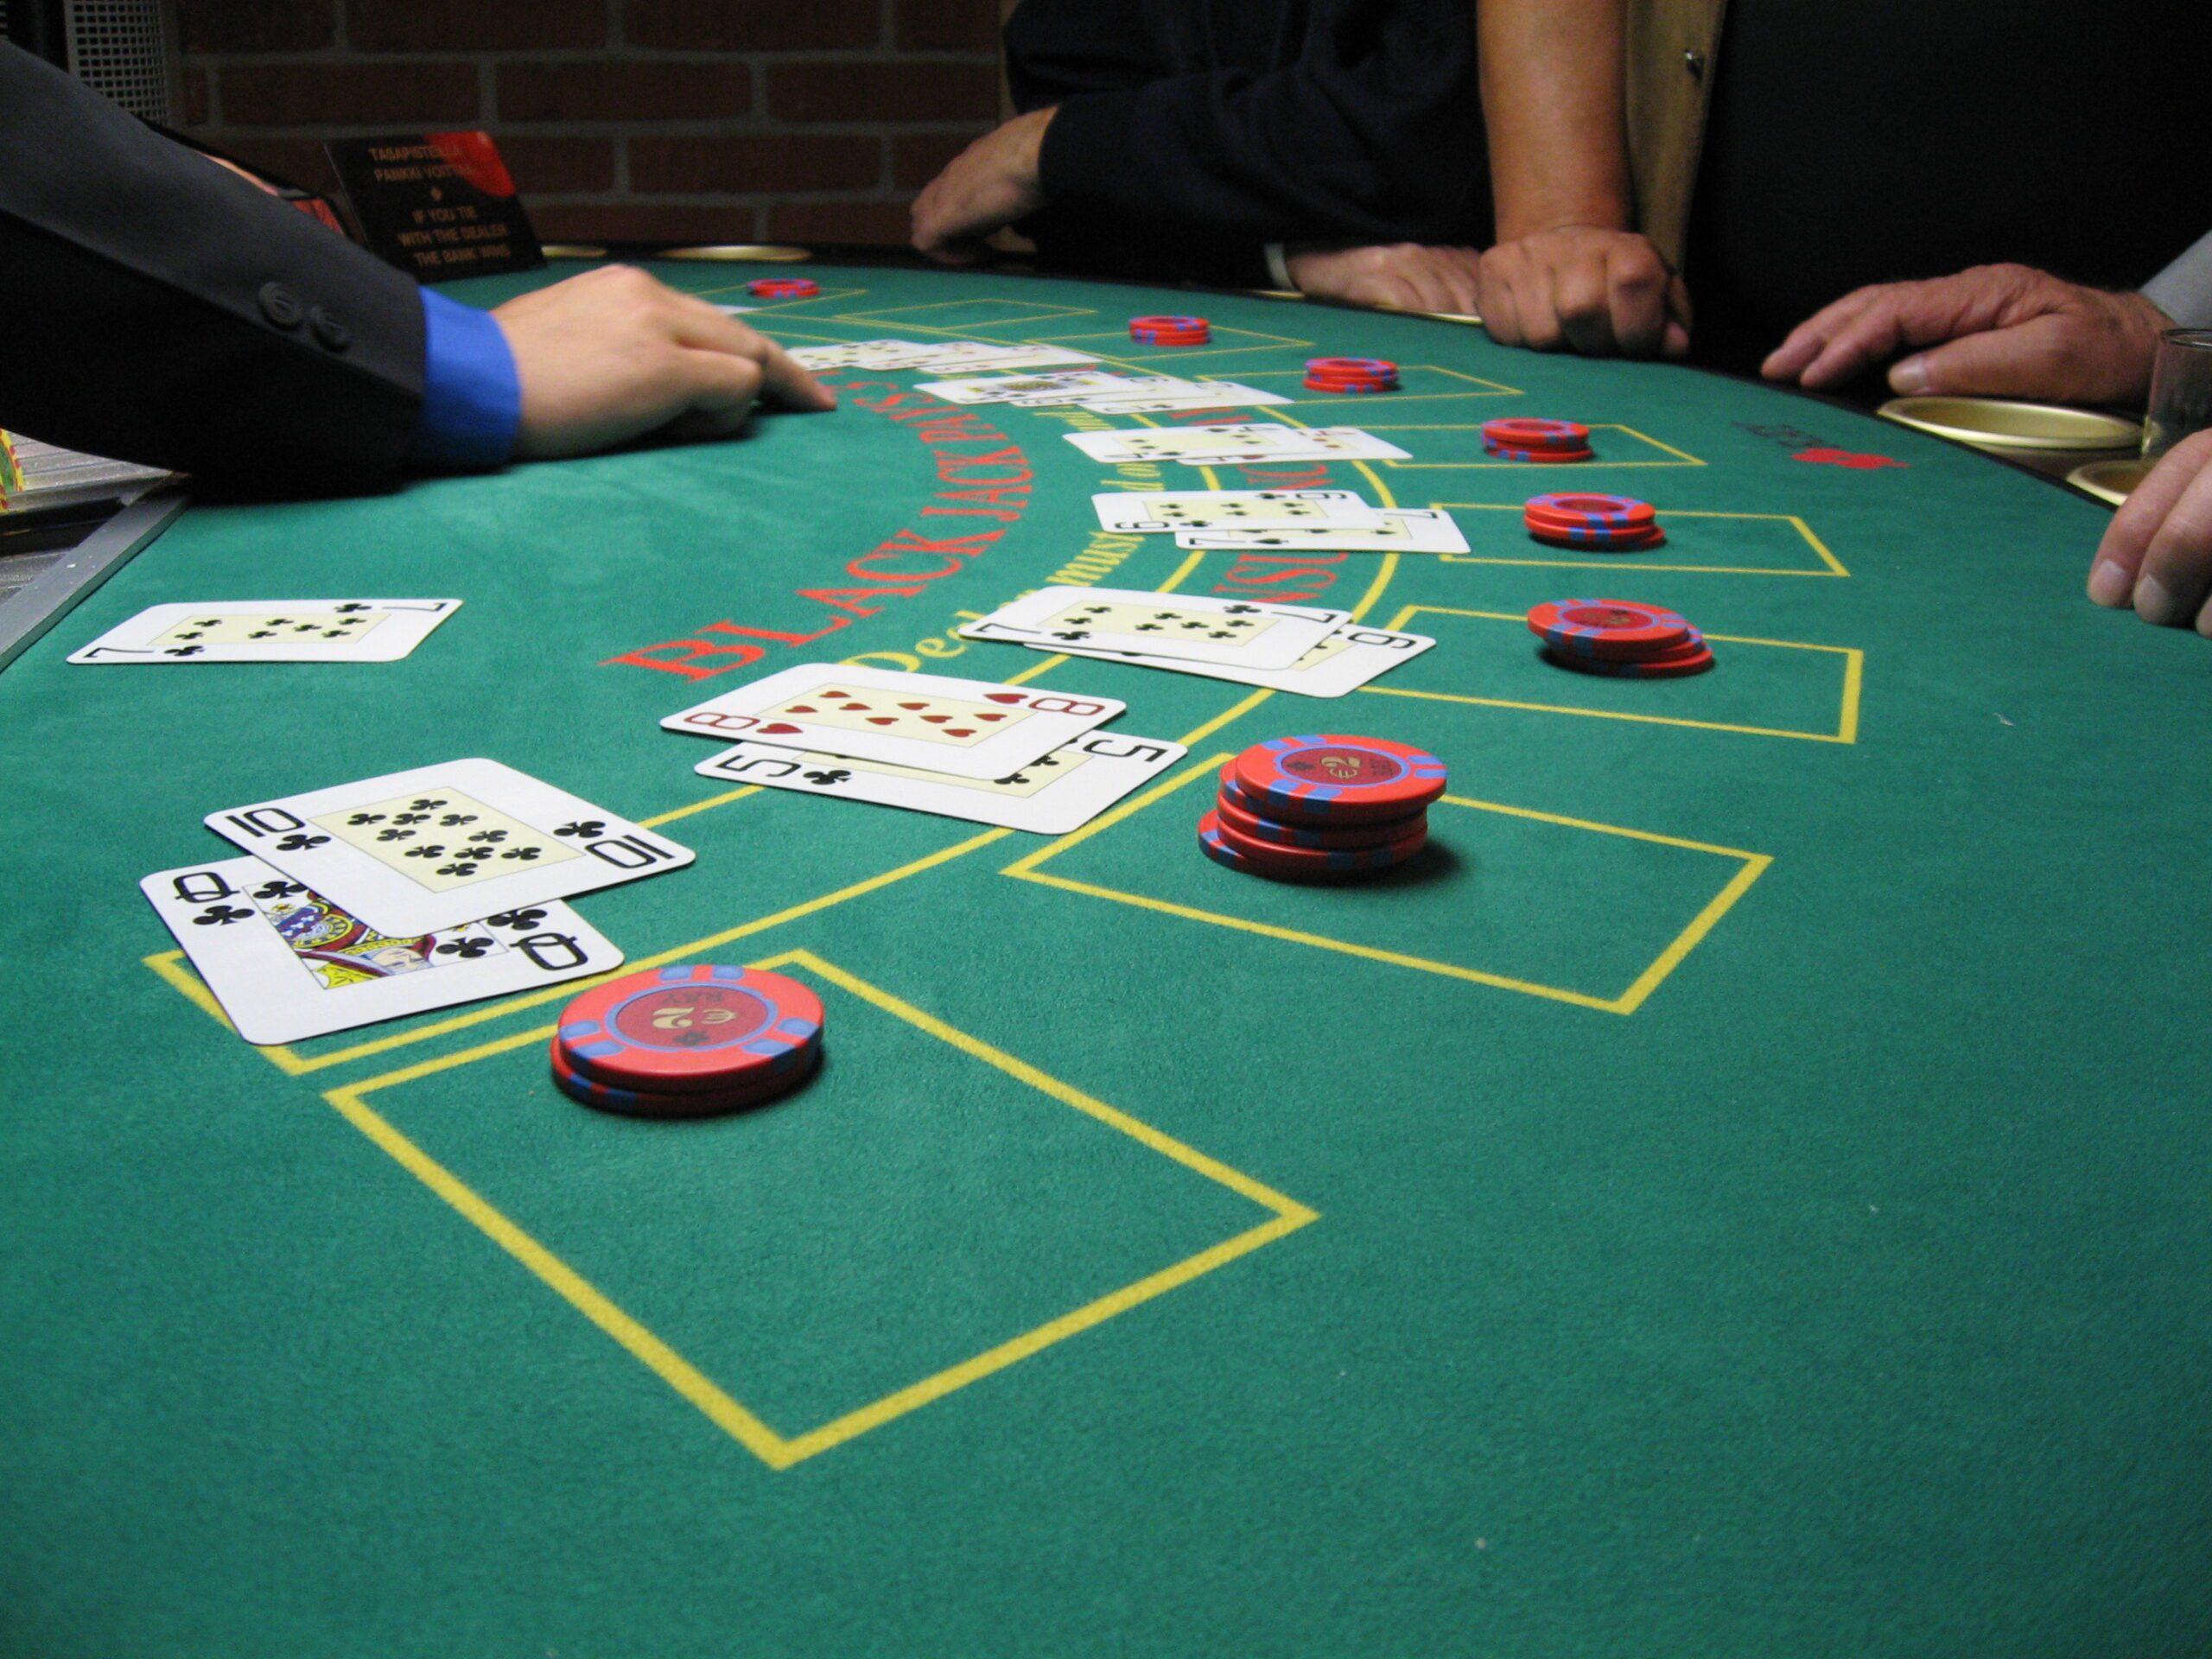 Descopera cele 5 reguli care iti pot asigura castigul la blackjack-ul online